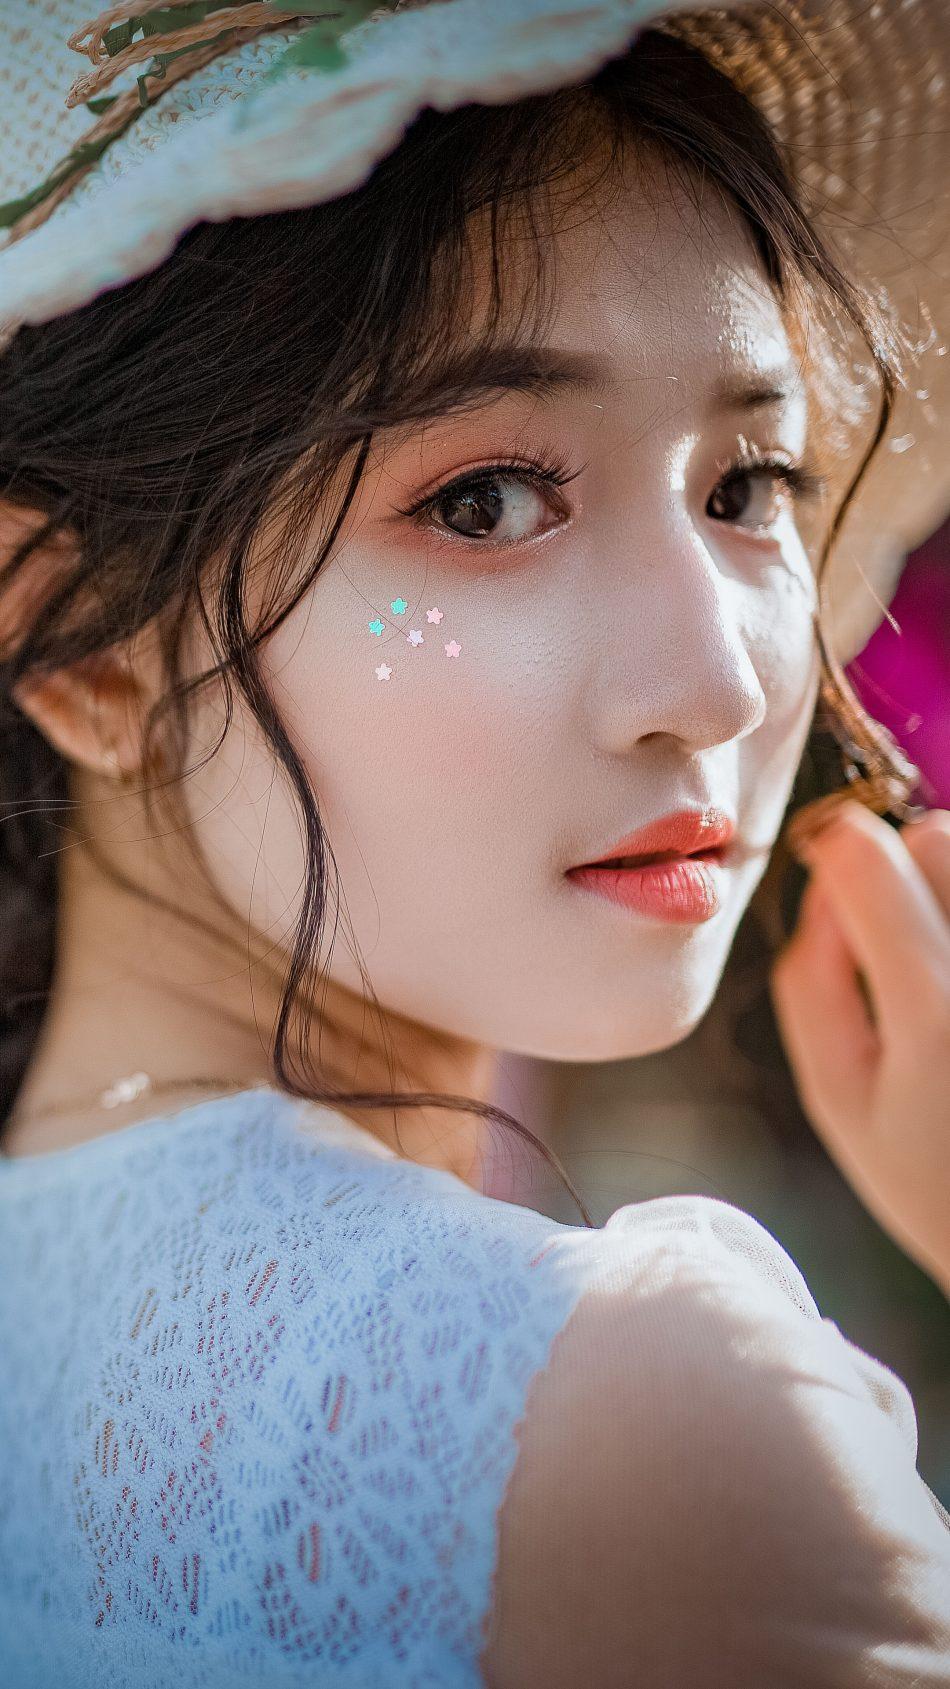 Asian Girl Cuteness Hat 4K Ultra HD Mobile Wallpaper